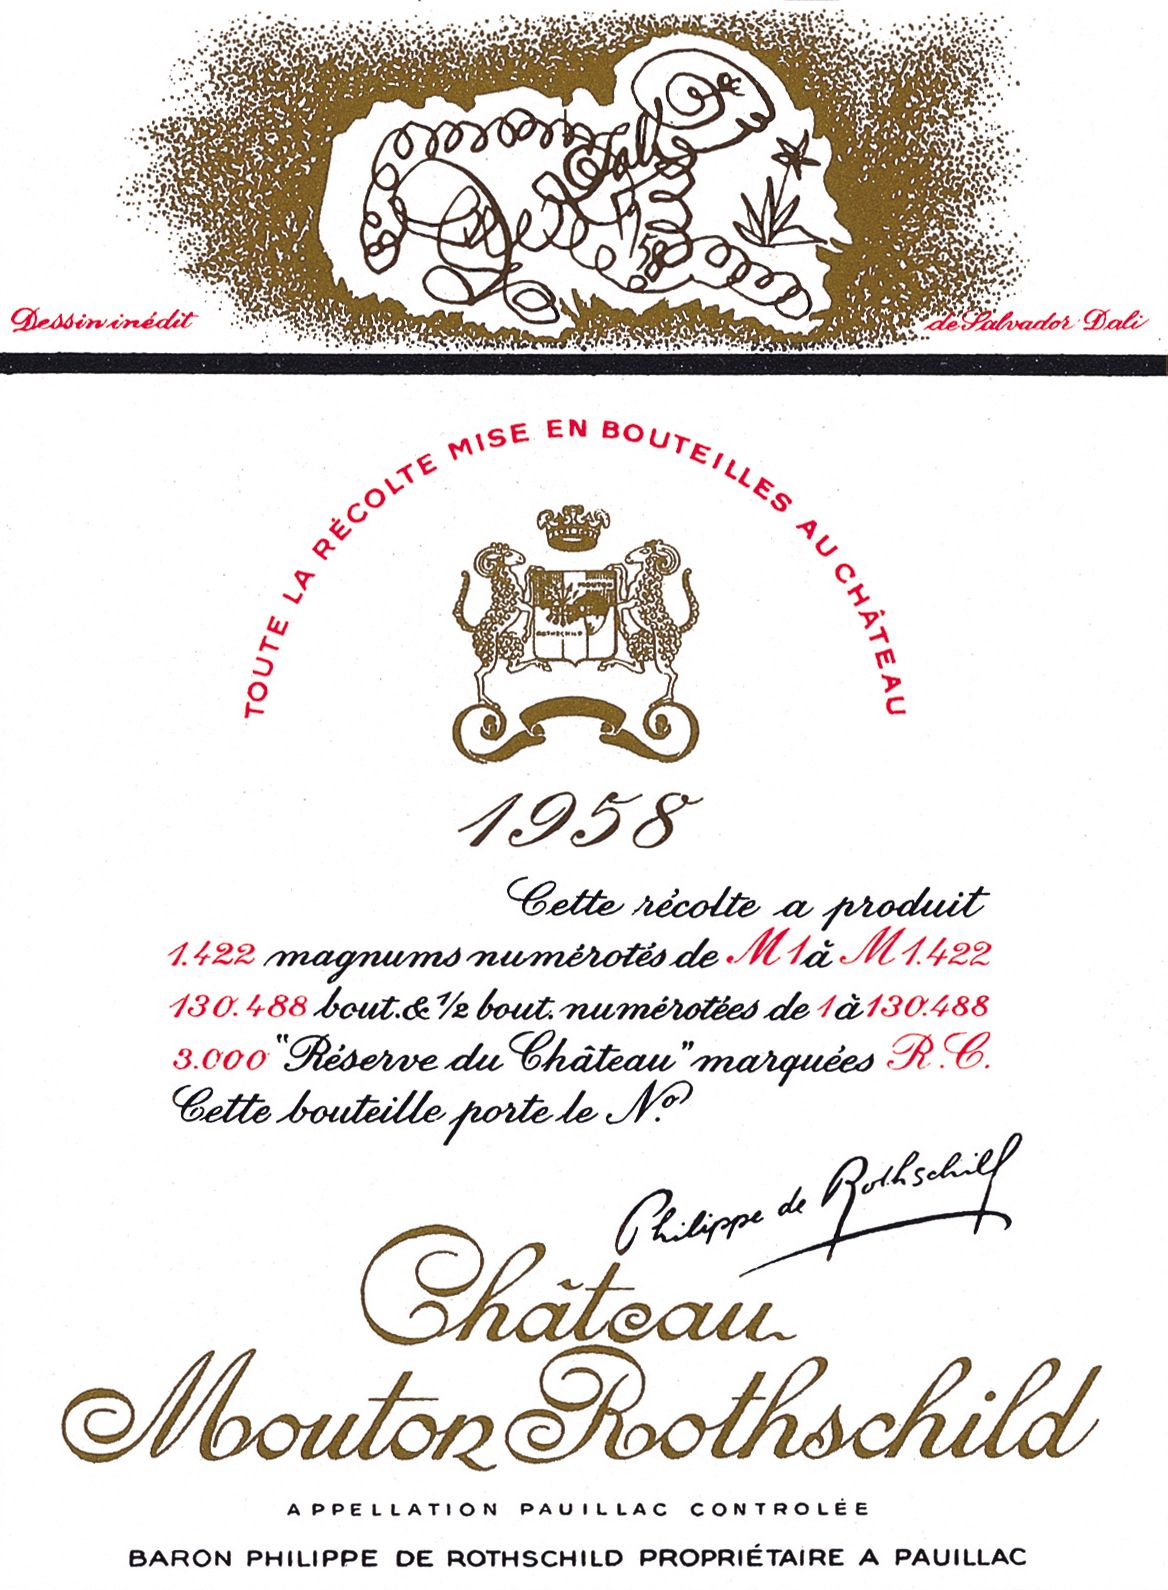 étiquette de Mouton-Rothschild par Salvador Dali en 1958